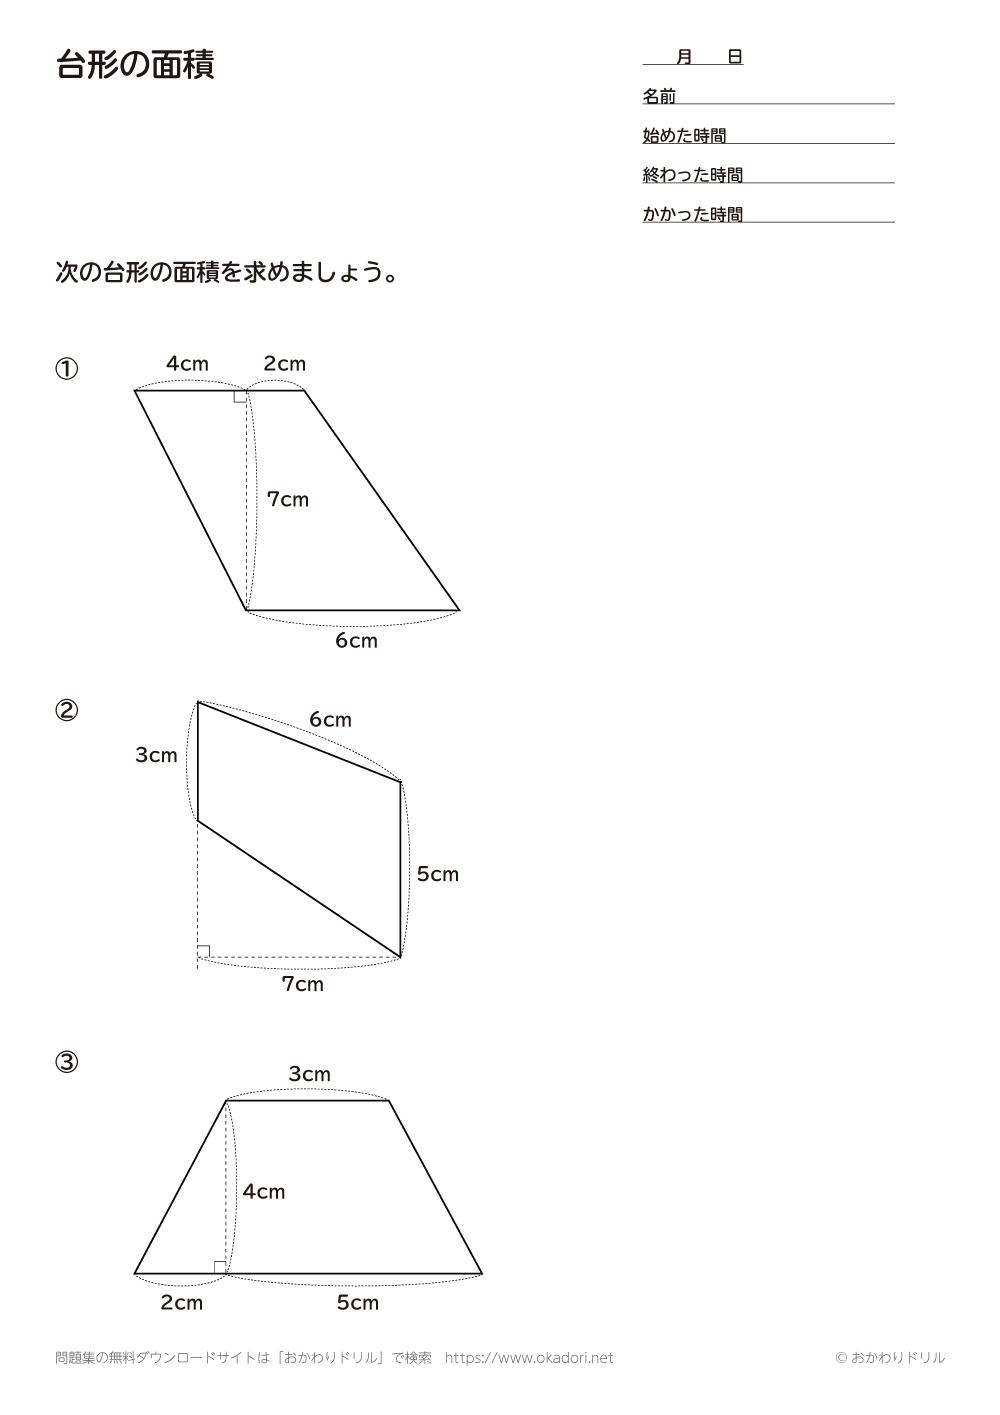 台形の面積6